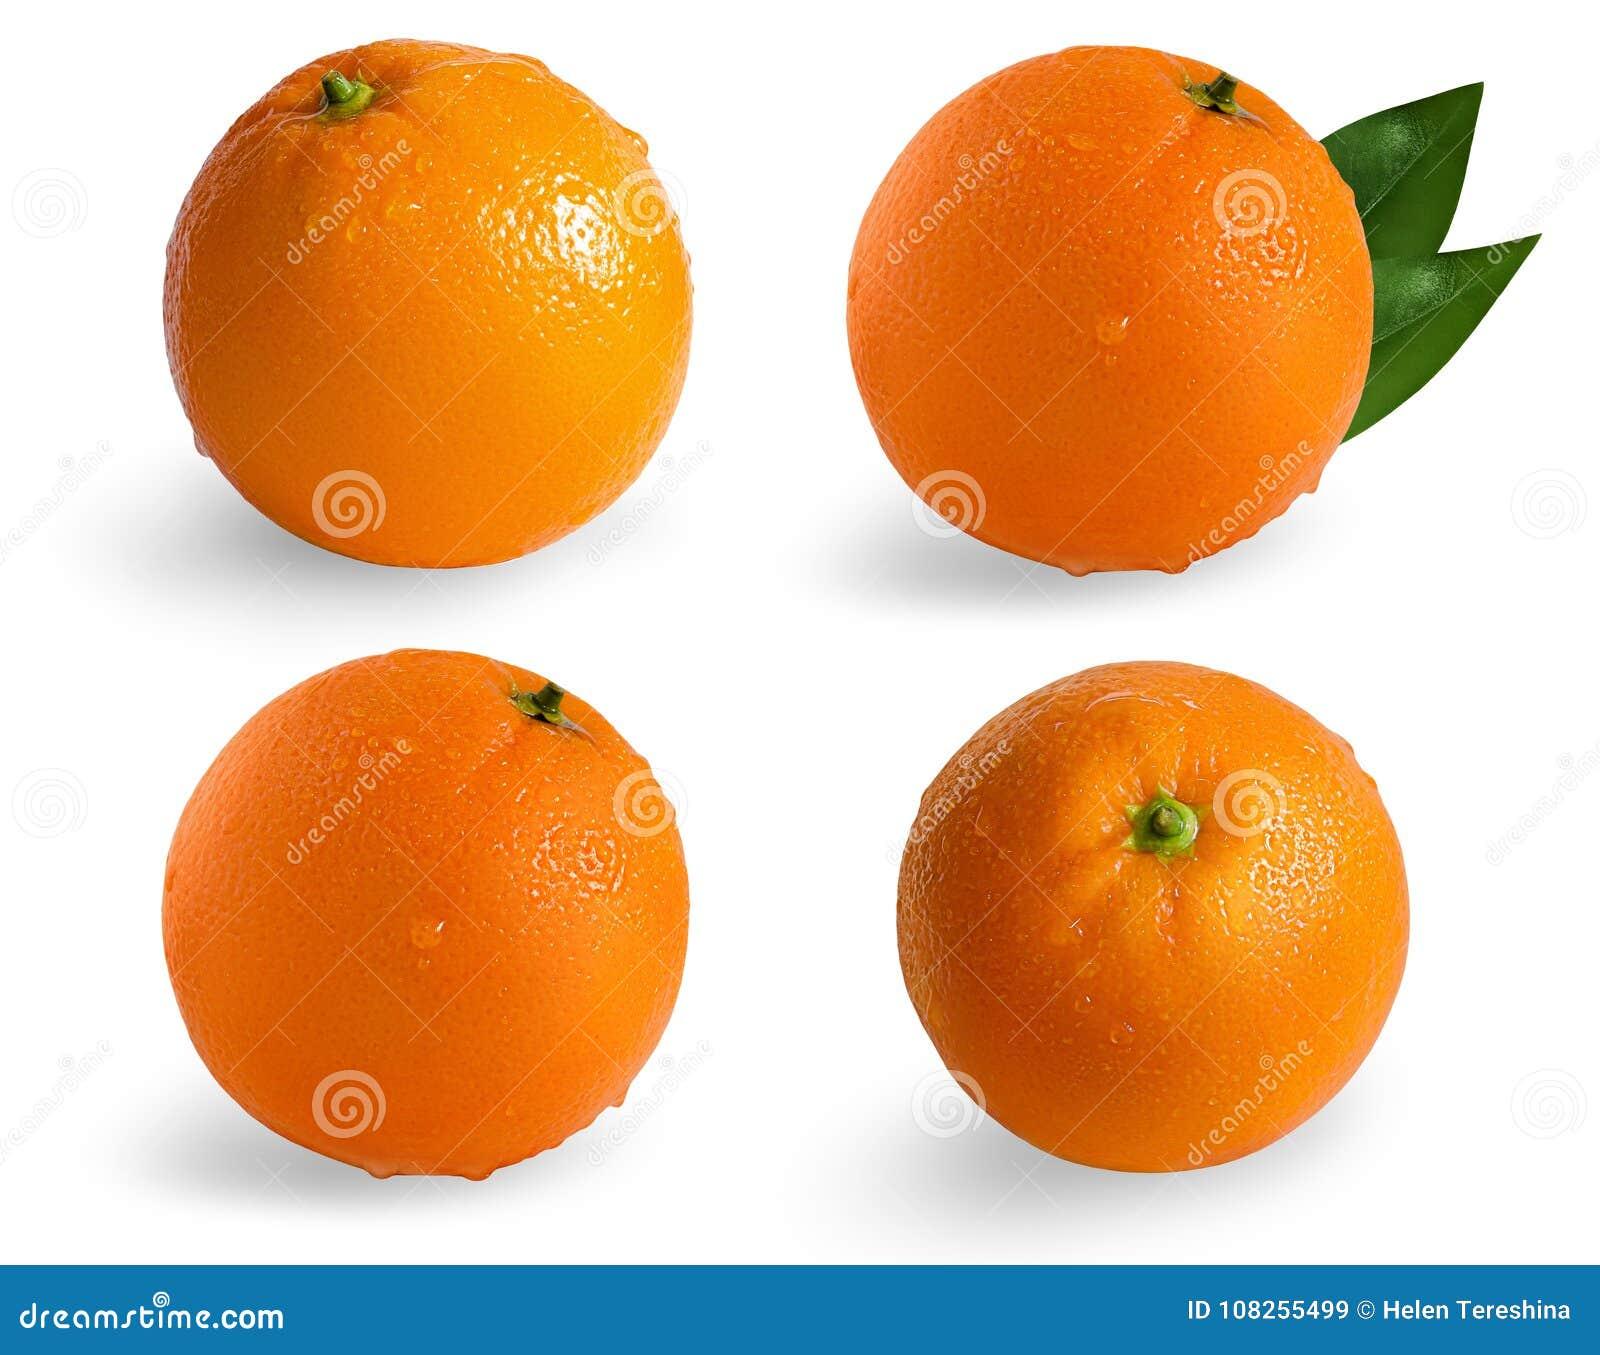 Eine Sammlung Orangen lokalisiert auf weißem Hintergrund Nasse Orange lokalisiert auf weißem Hintergrund